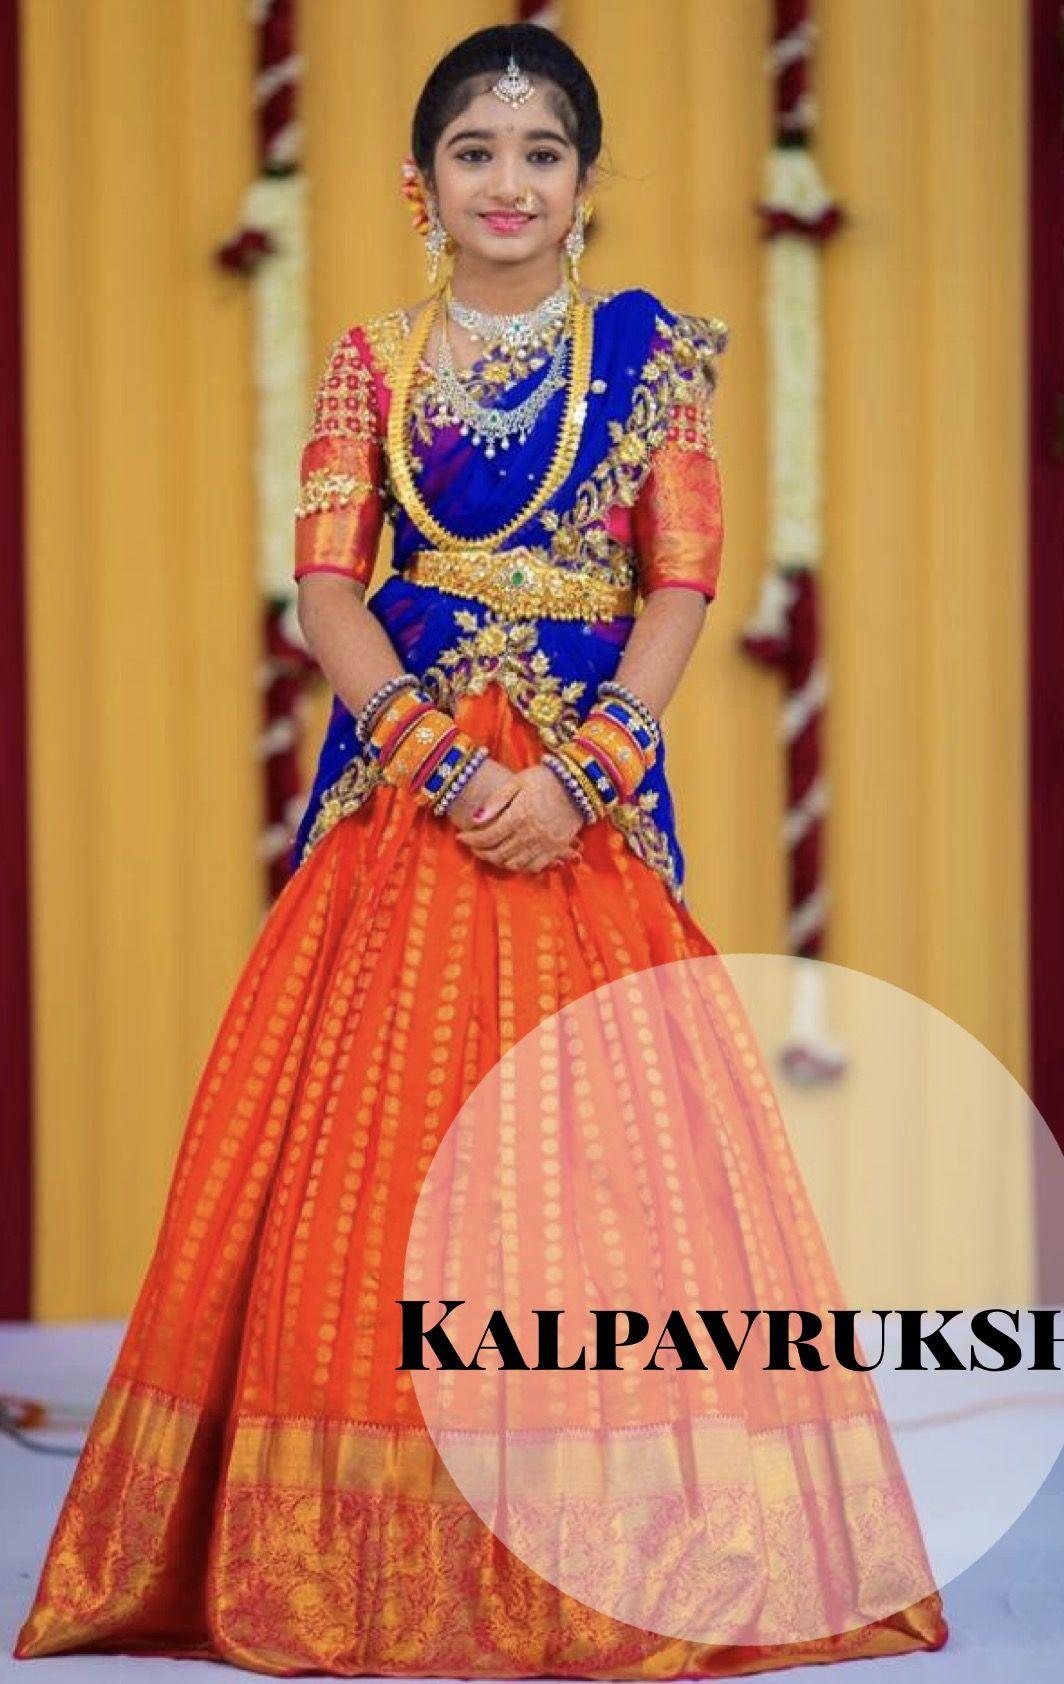 Kanchipattu Half Sarees By Kalpavruksh Half Saree Designs Half Saree Lehenga Half Saree Function